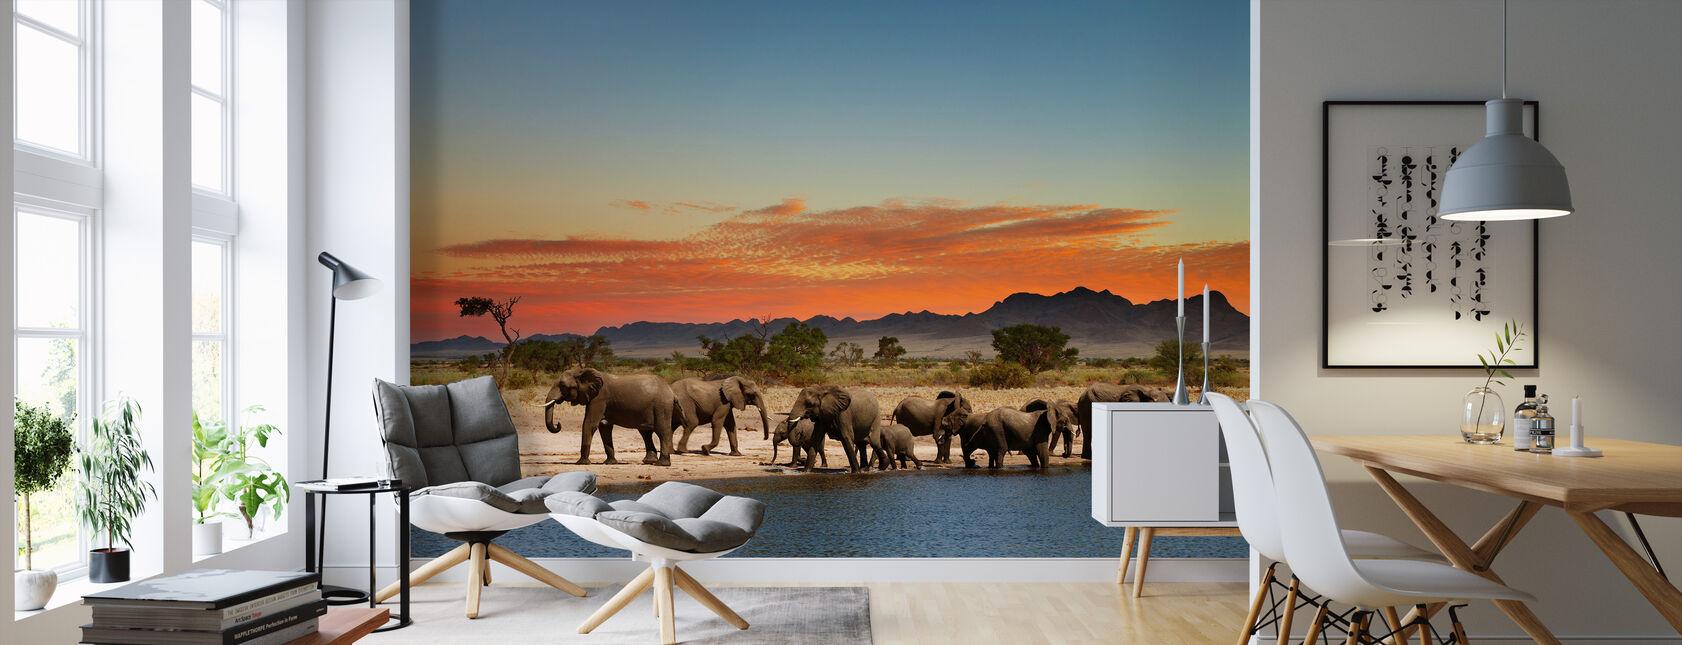 Herd of Elephants - Wallpaper - Living Room